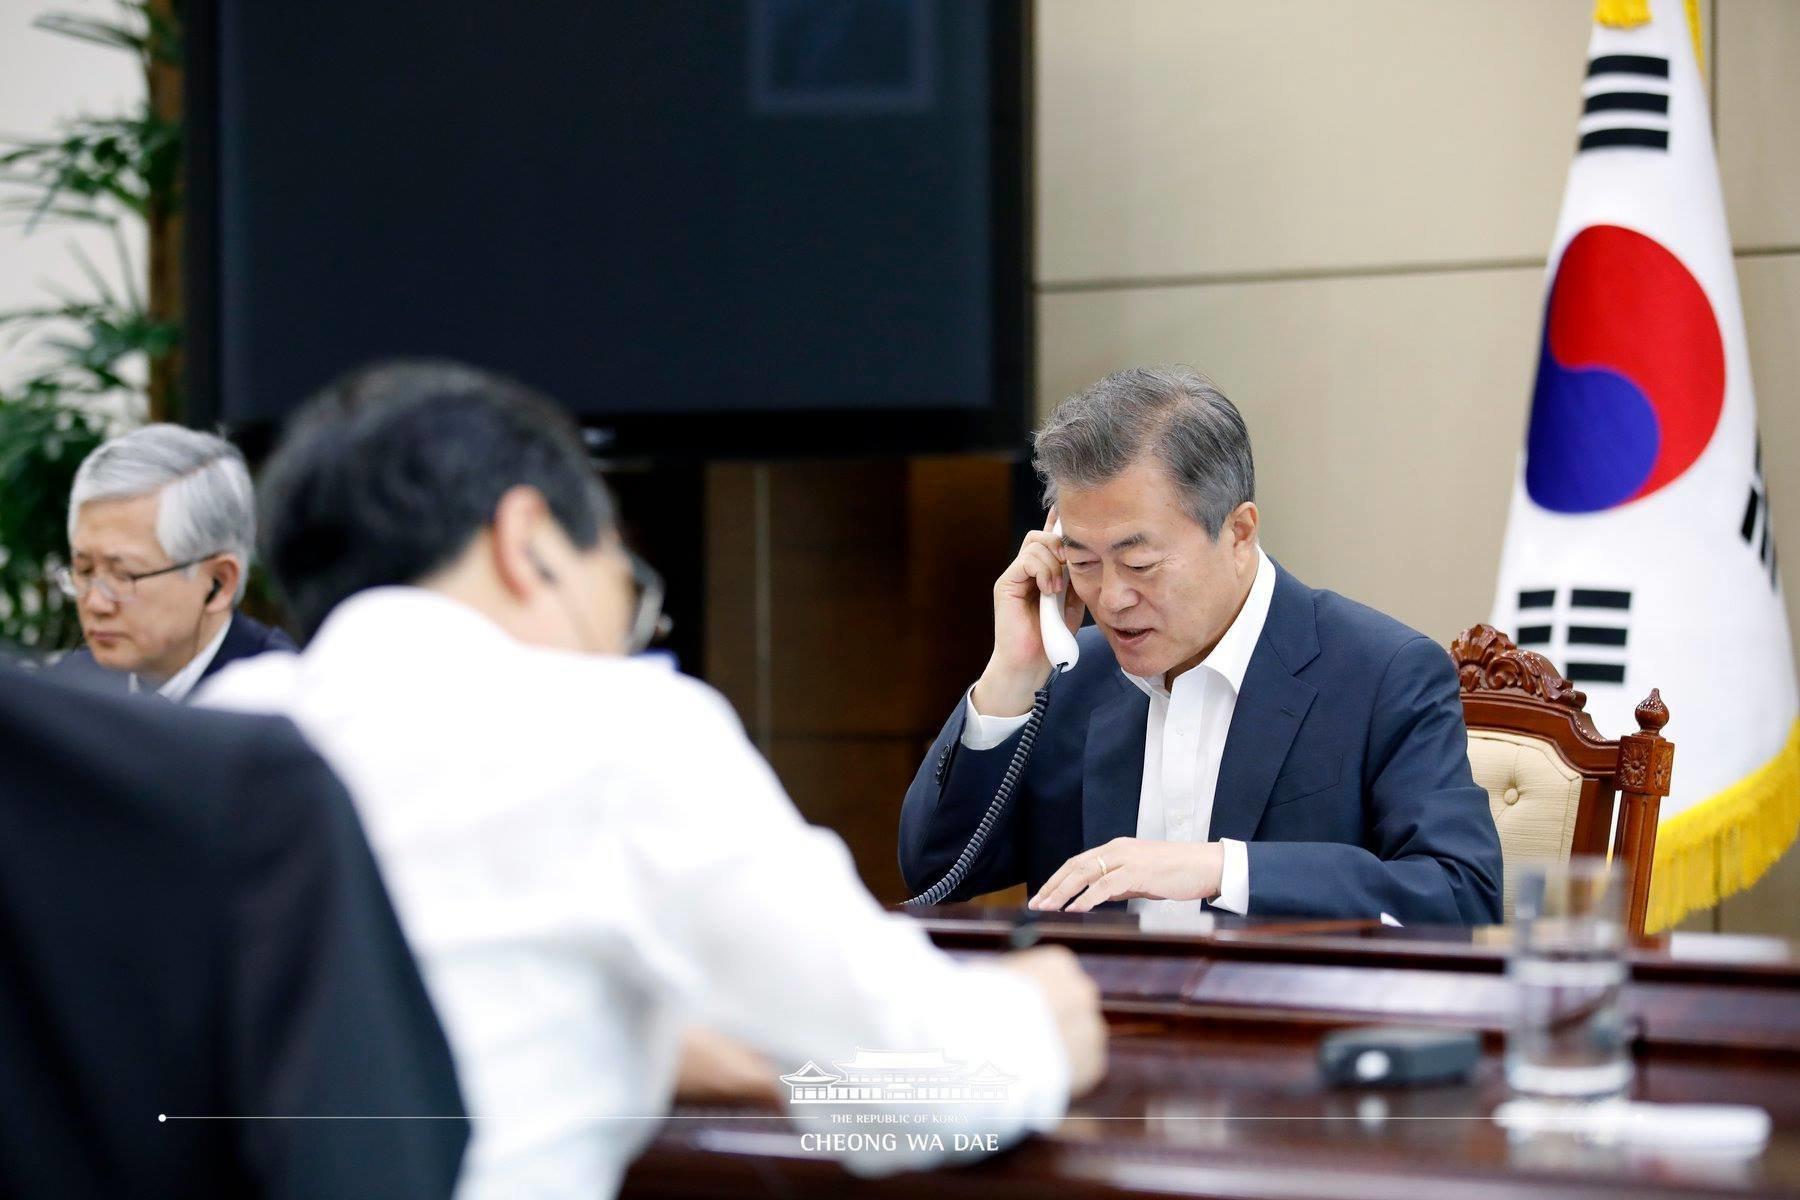 문대통령이 '북한 핵실험장 폐쇄에 유엔도 참관해달라'고